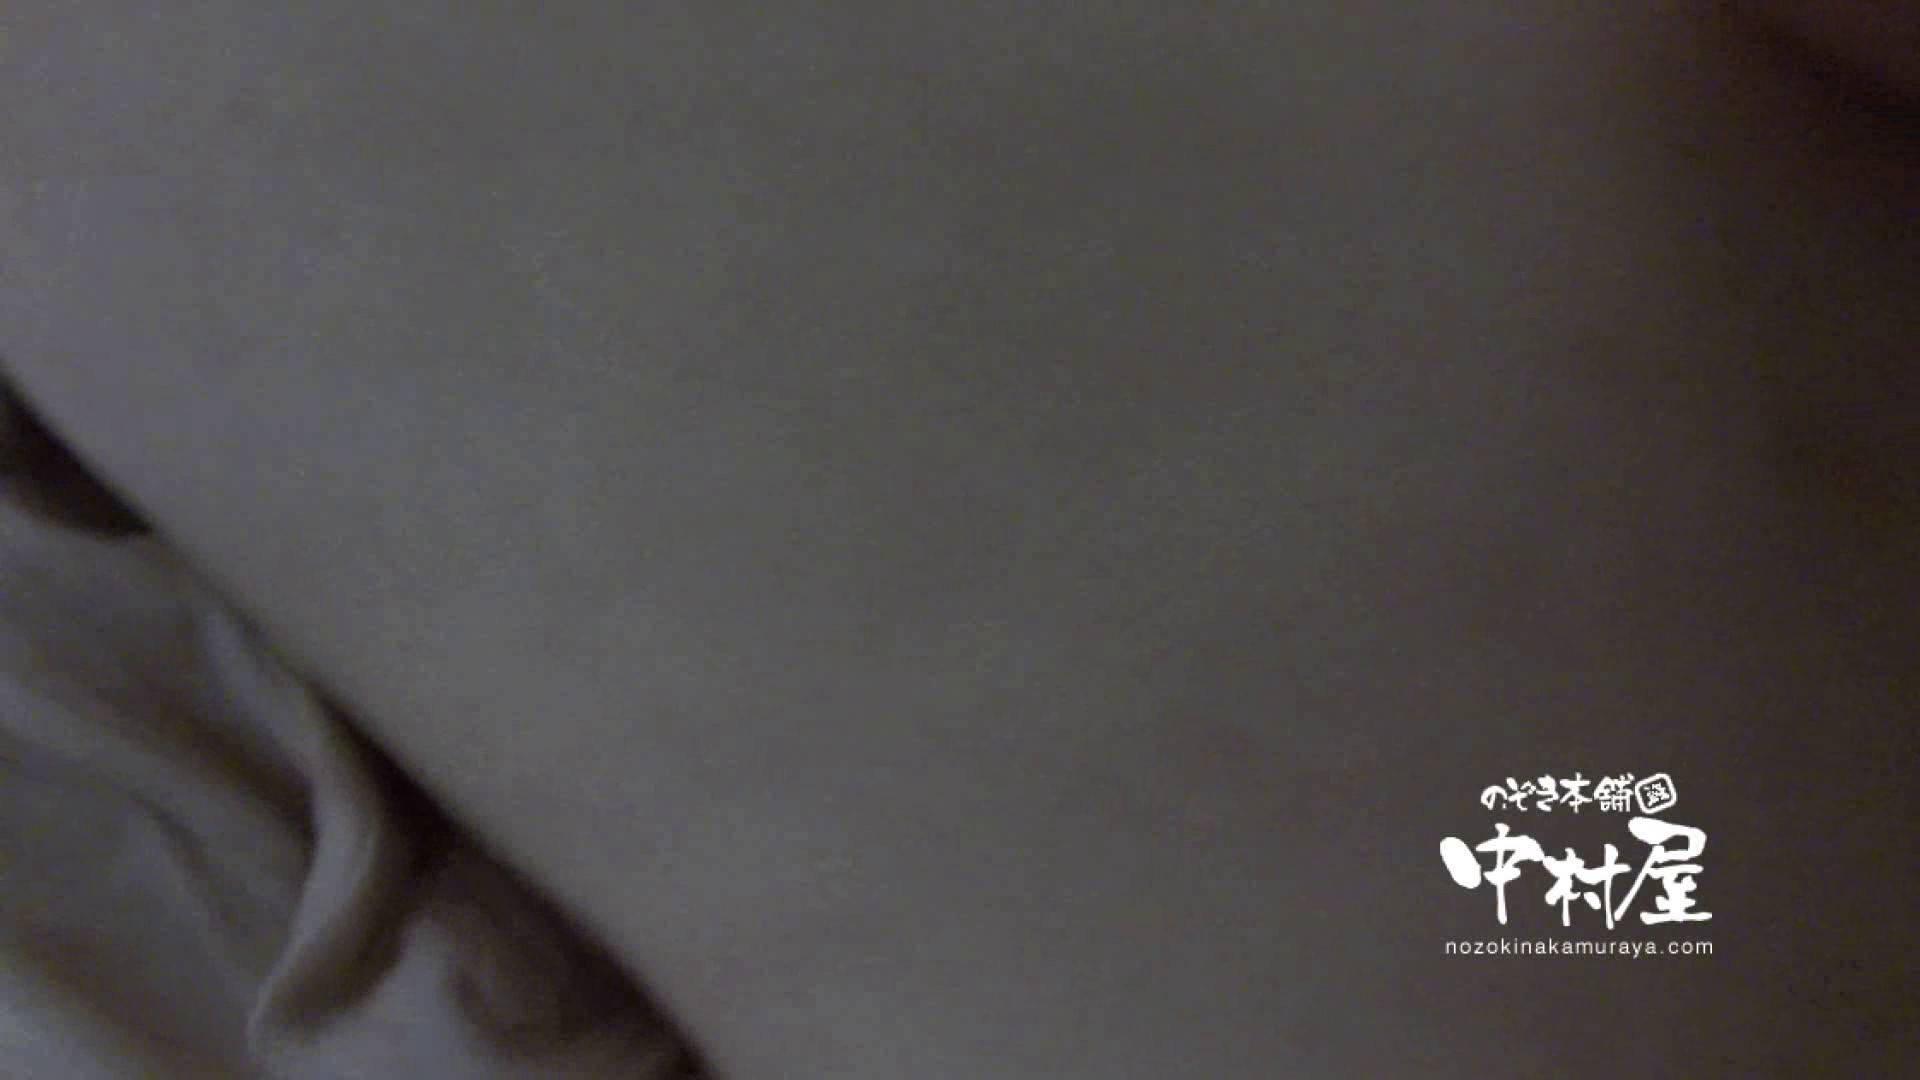 鬼畜 vol.12 剥ぎ取ったら色白でゴウモウだった 前編 鬼畜  86pic 66